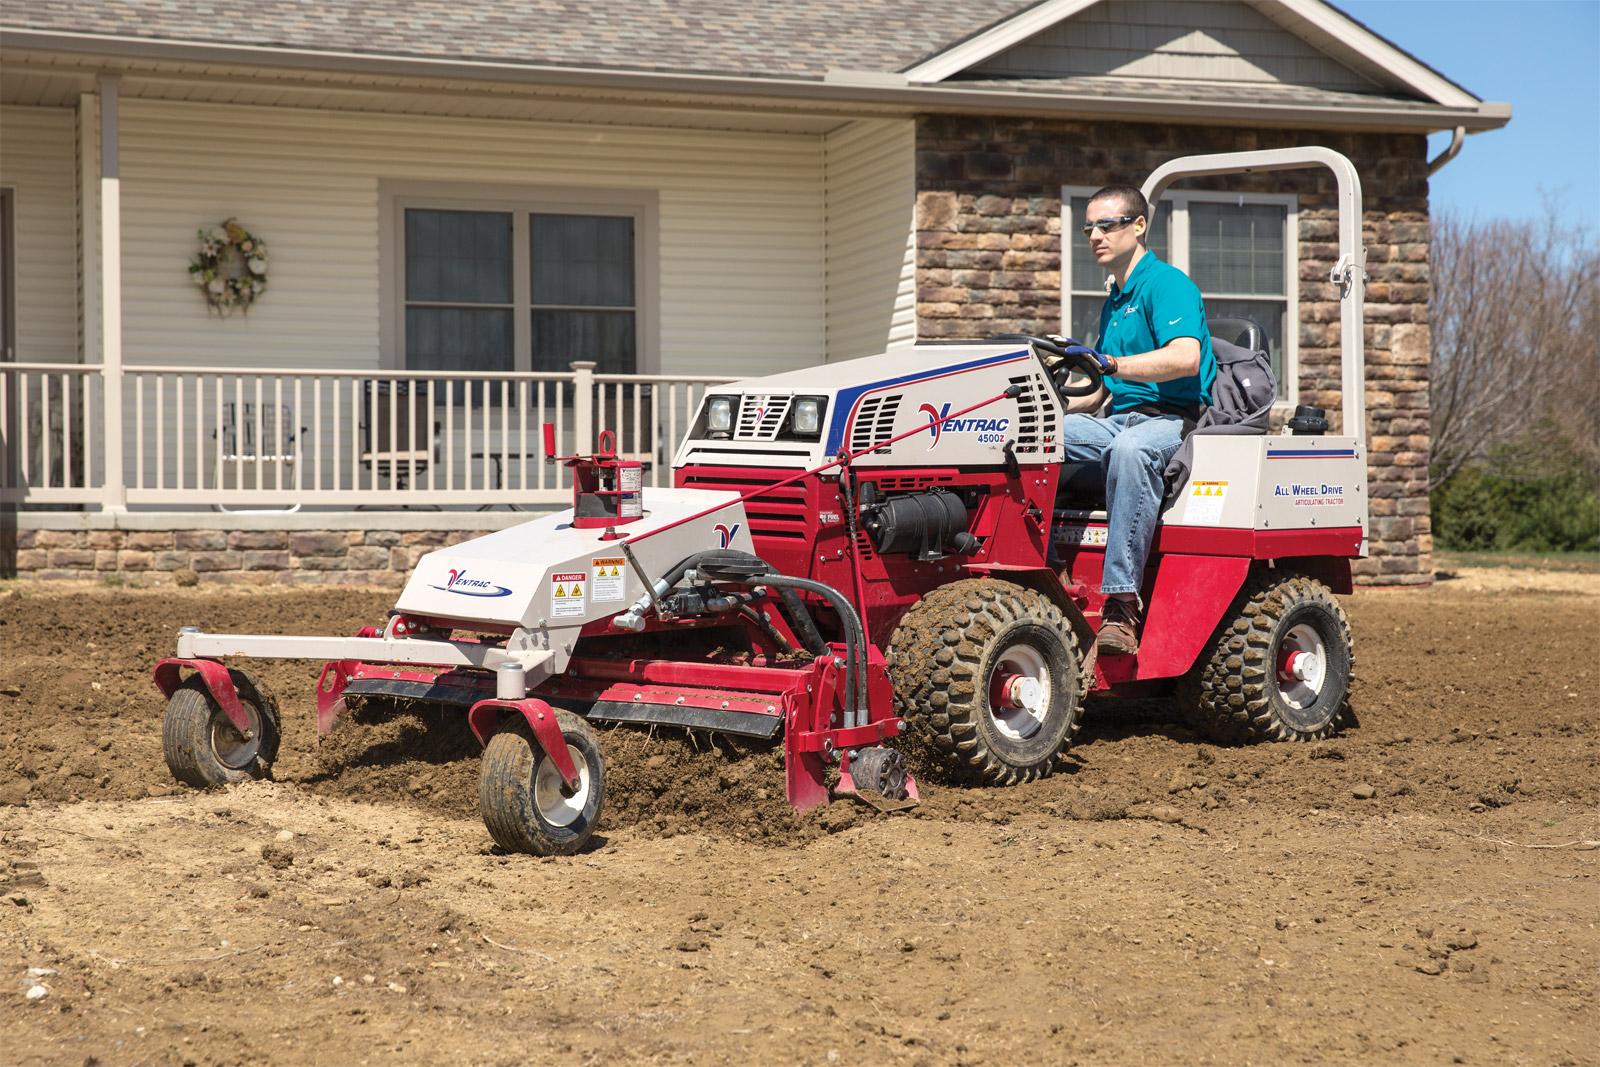 kp540 Tractor